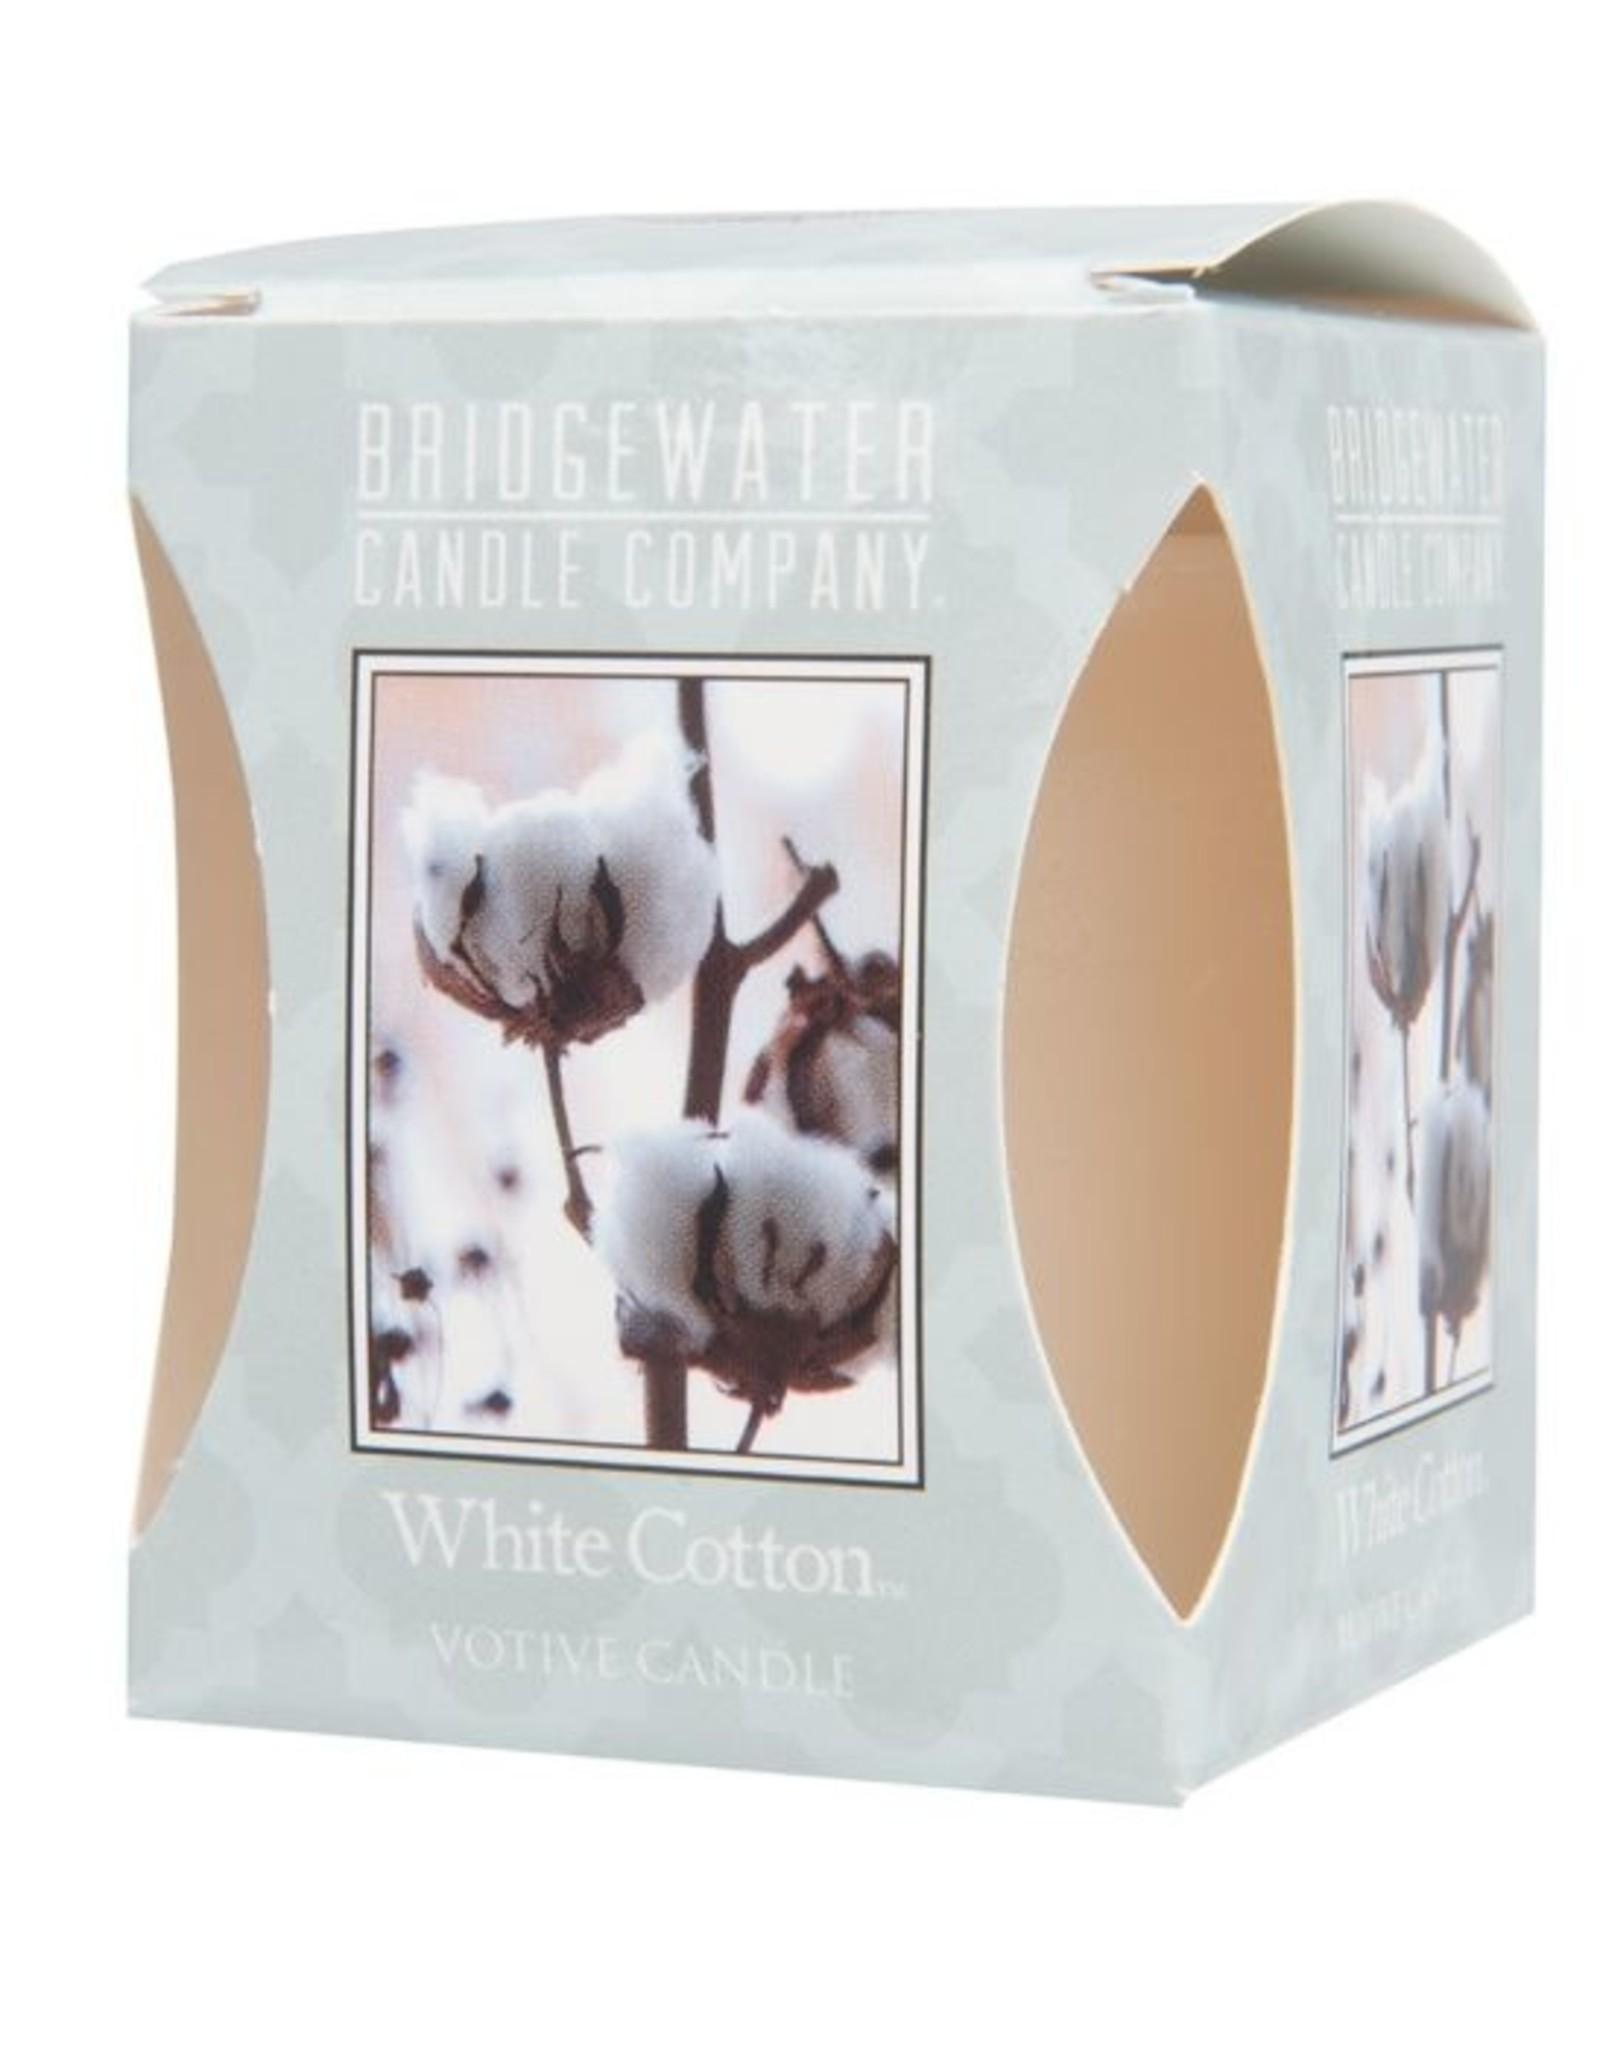 Bridgewater Votive White Cotton